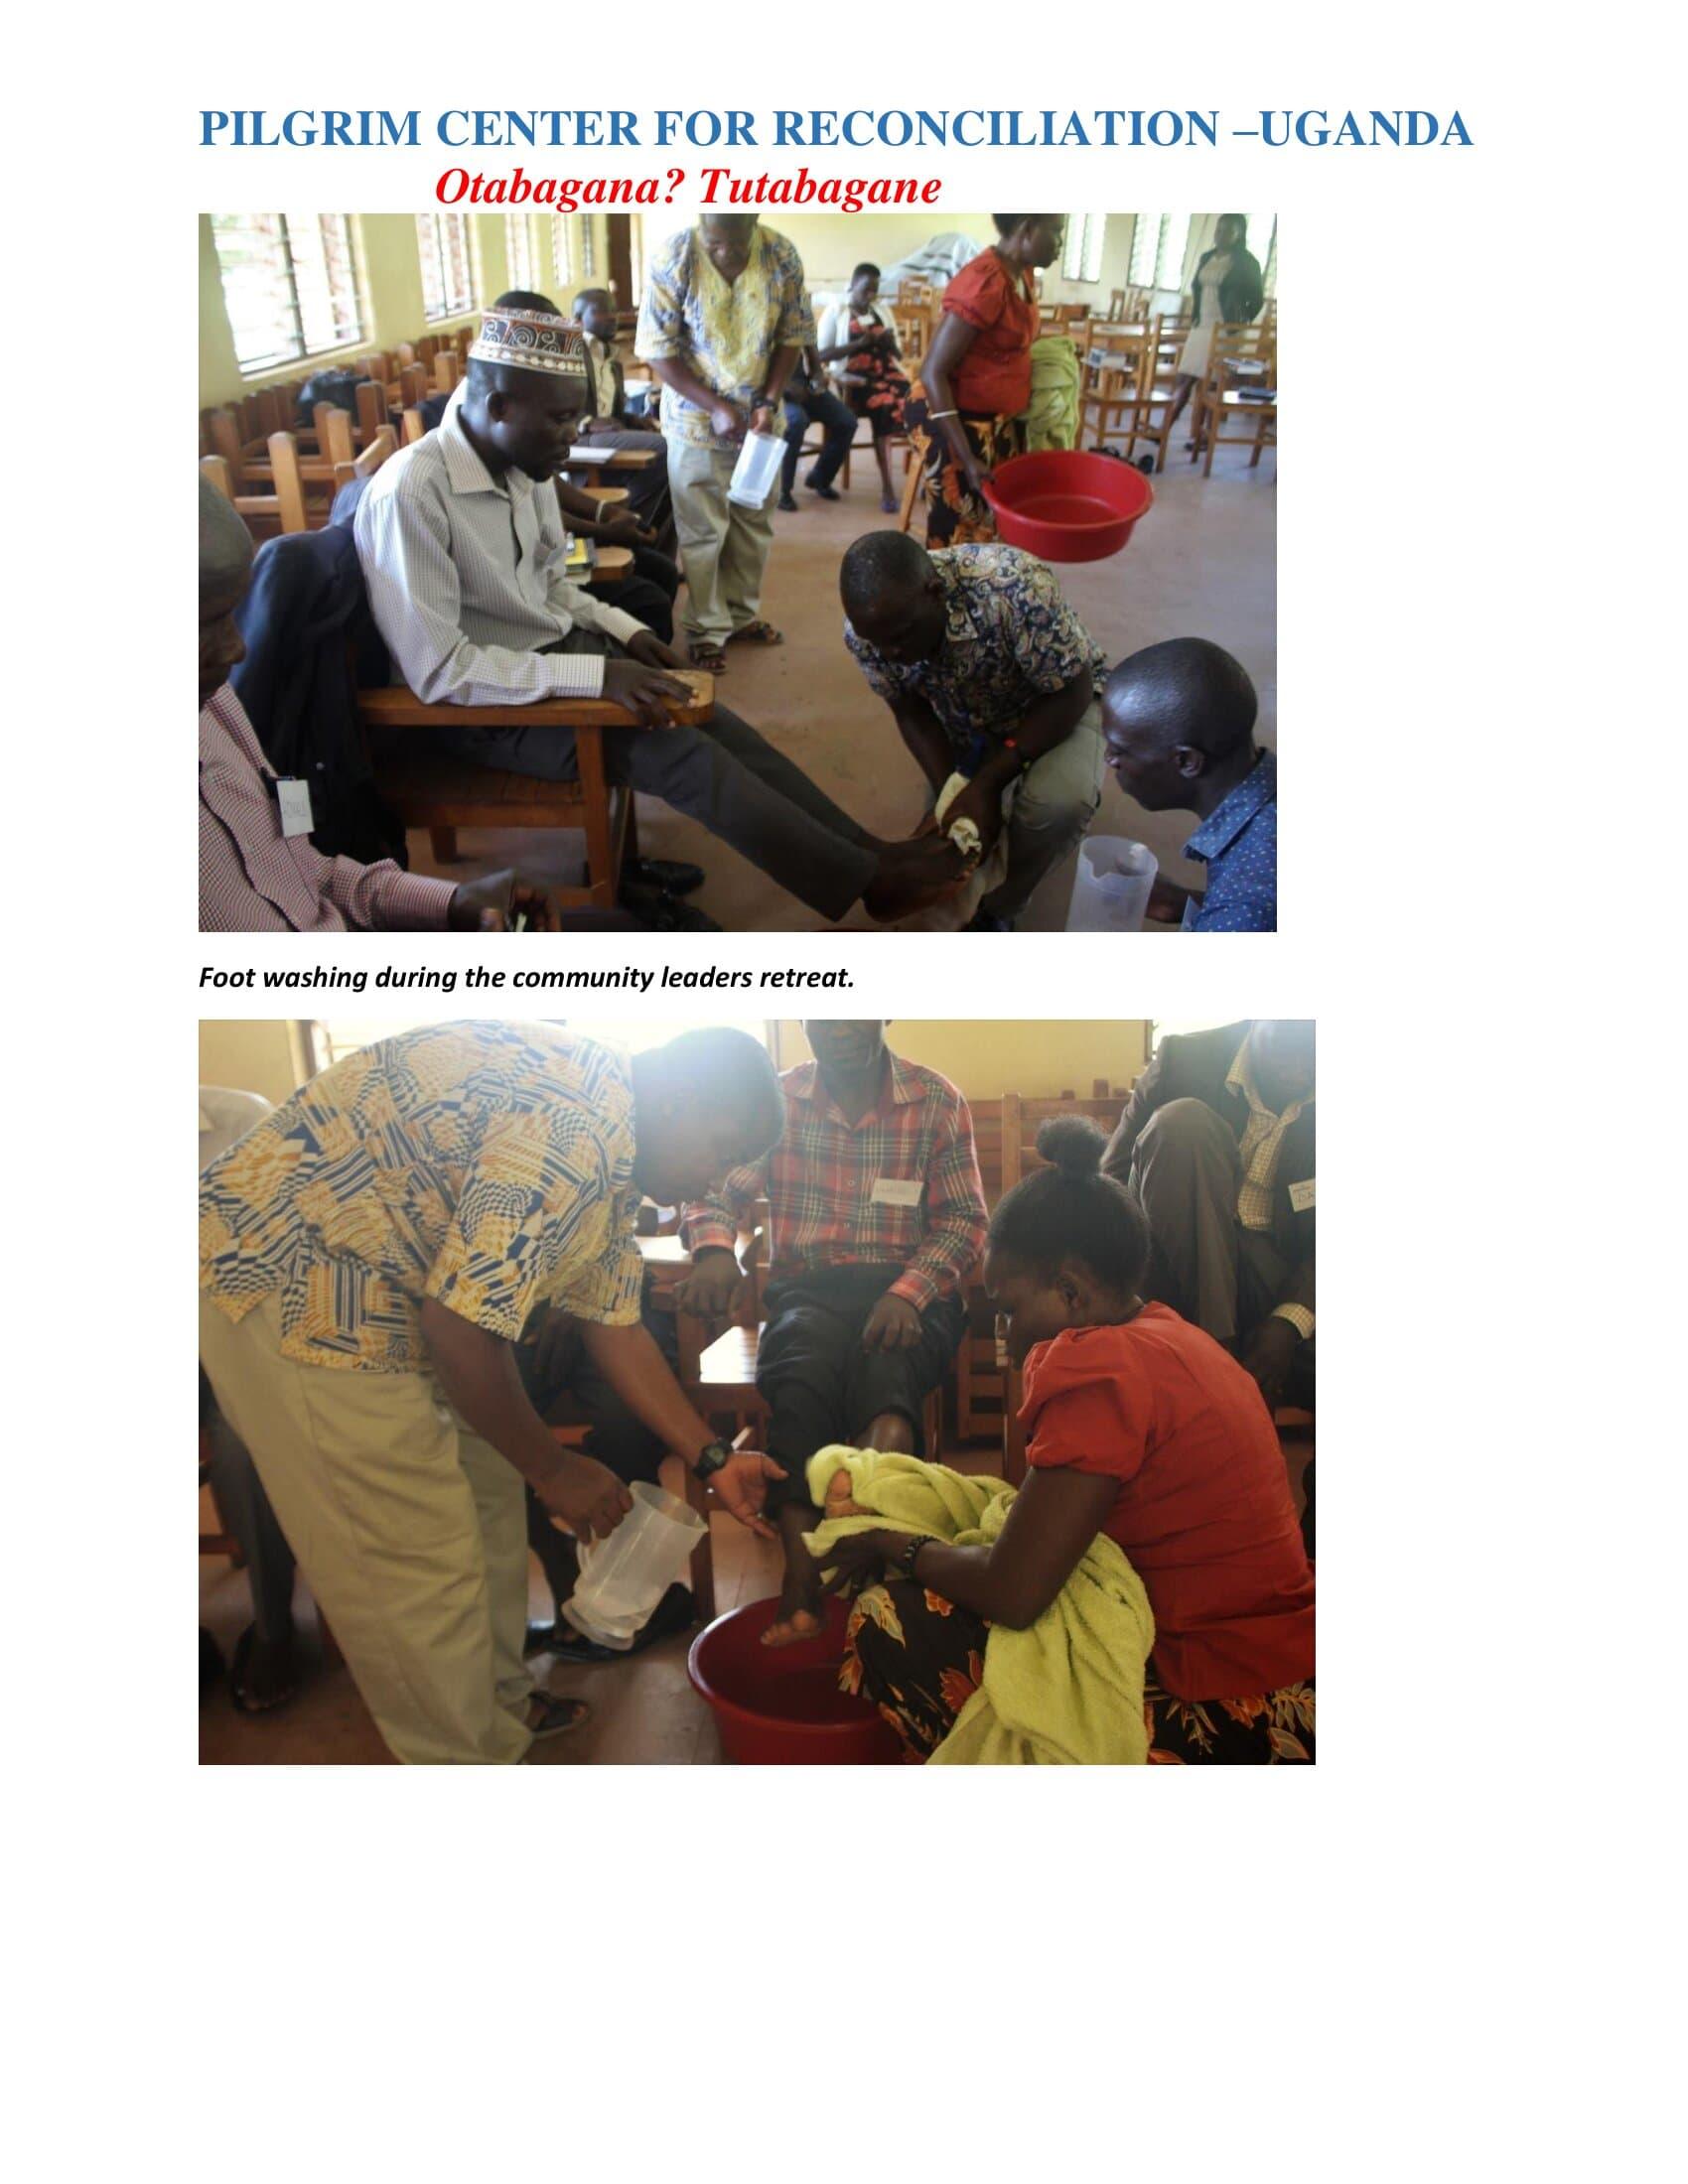 Pirigrim center for reconcilation -Uganda _0022-min